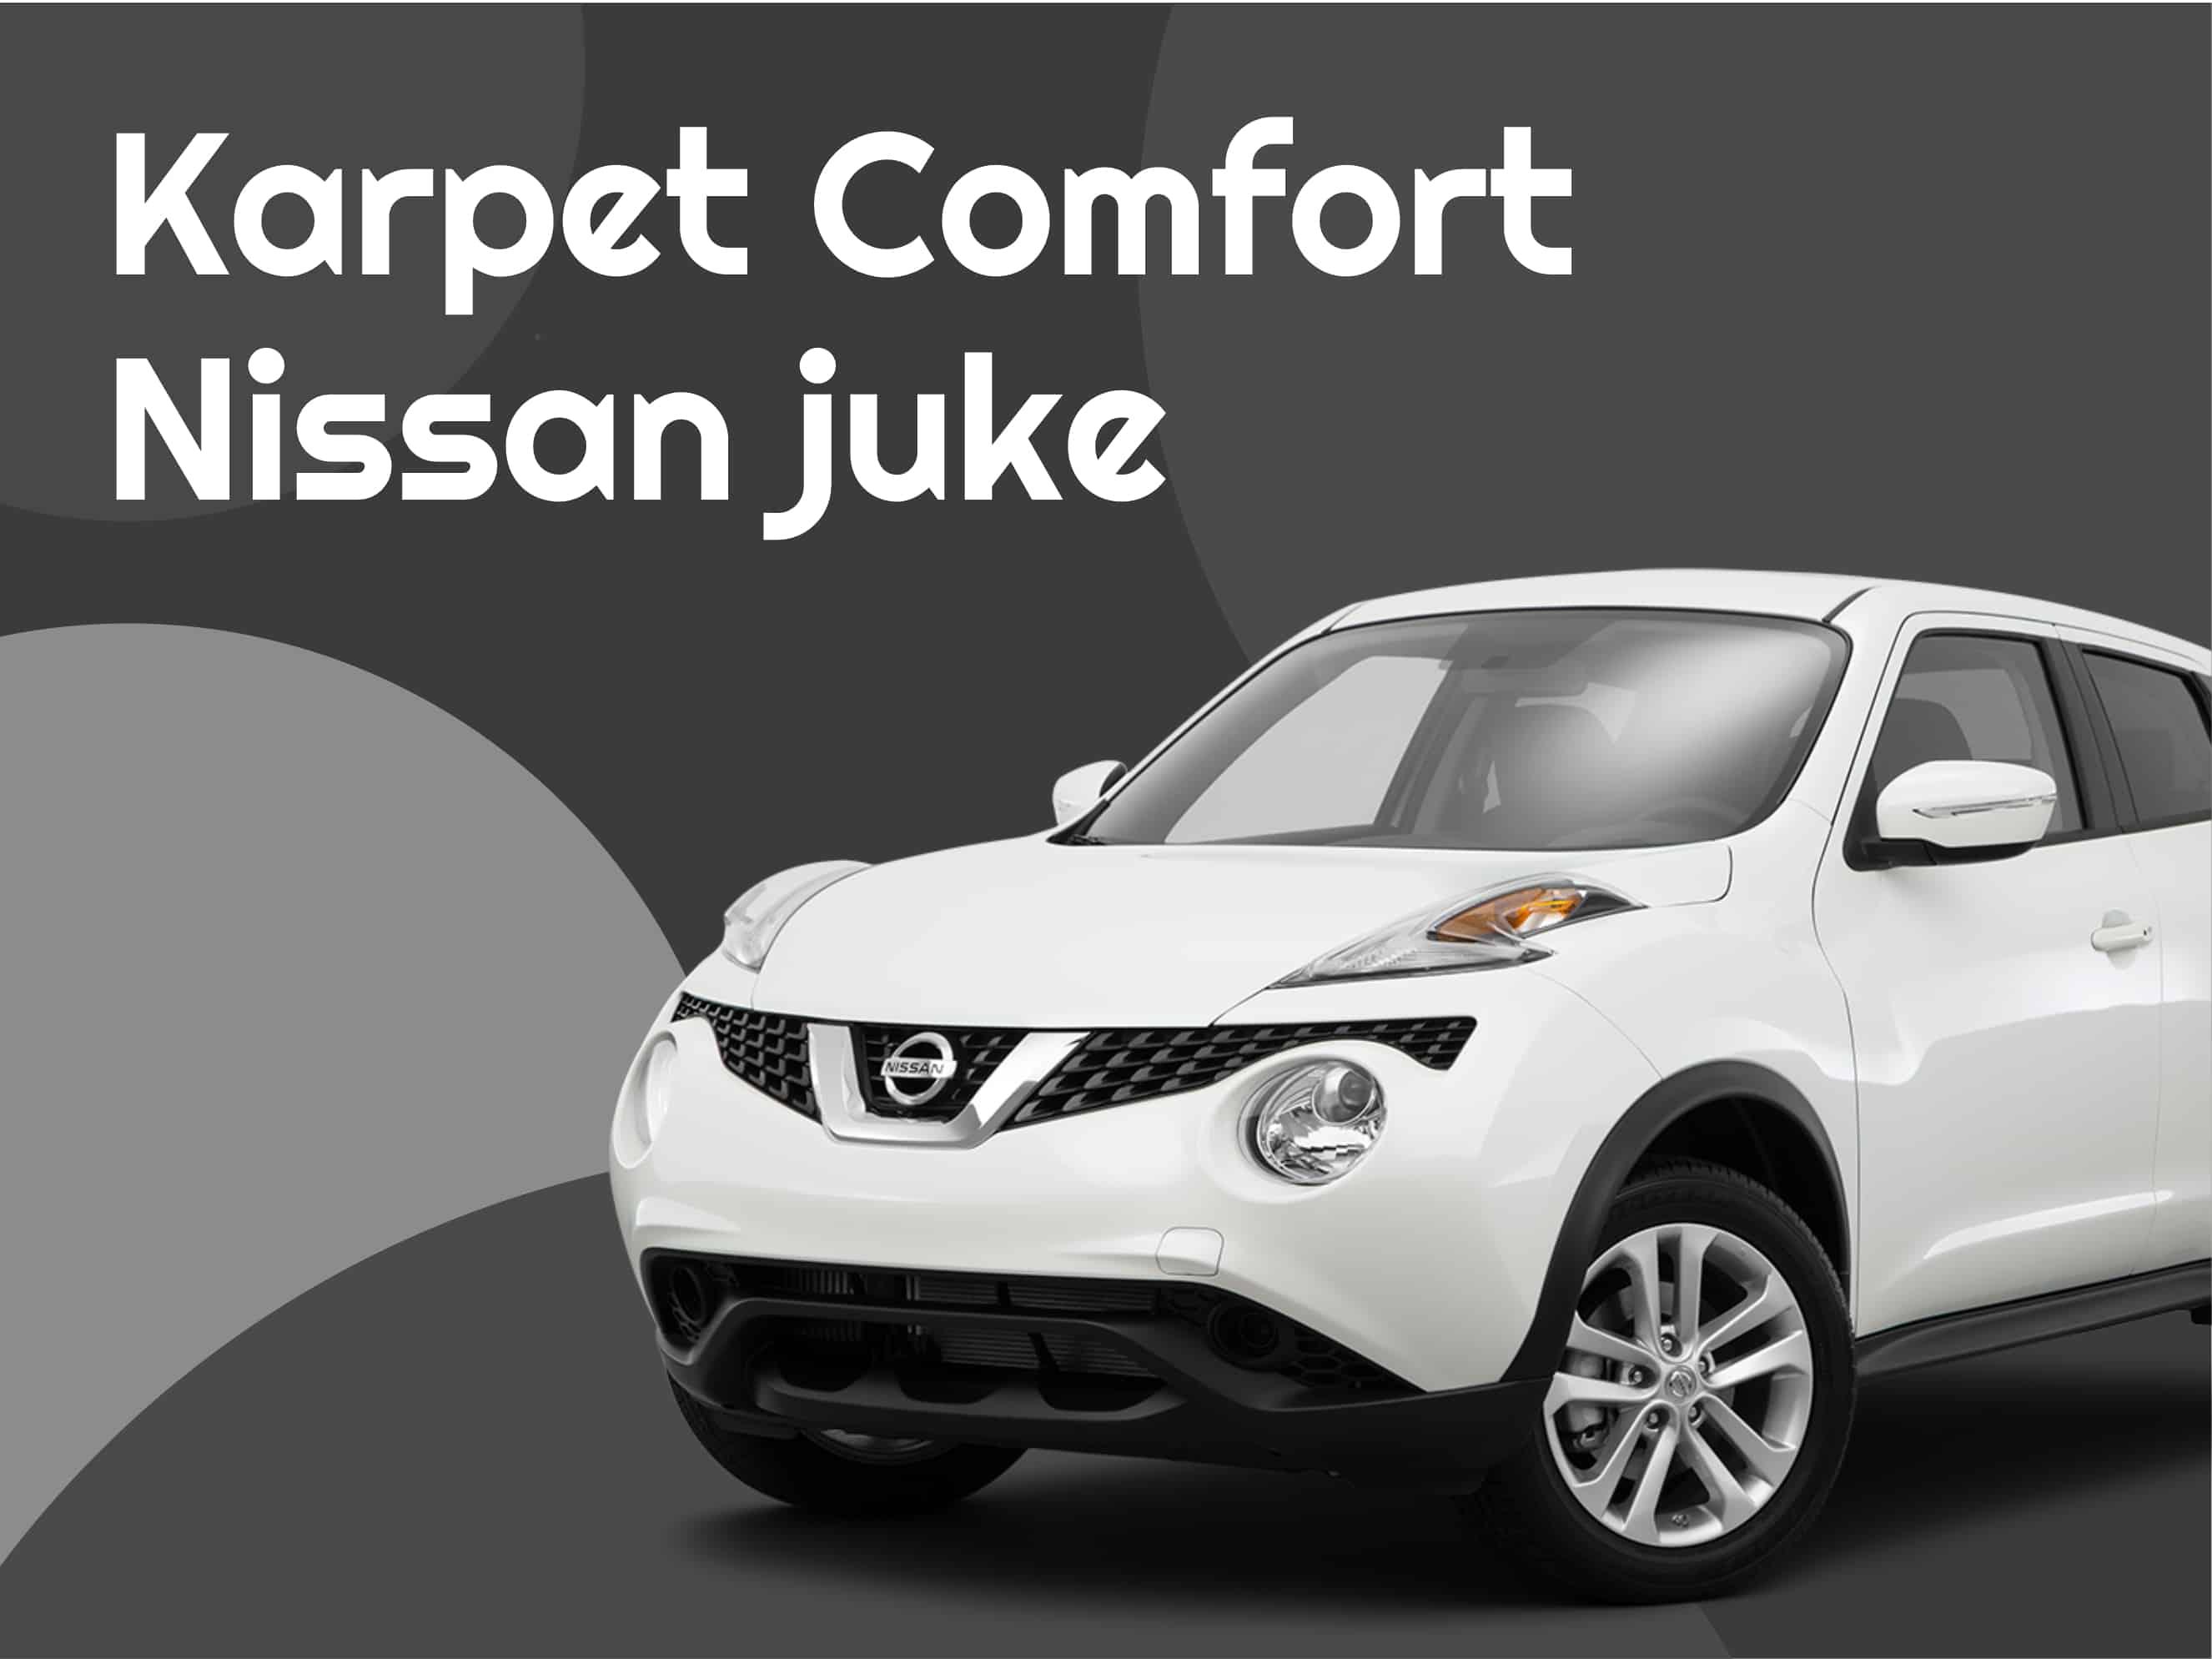 Karpet Comfort Untuk Nissan Juke